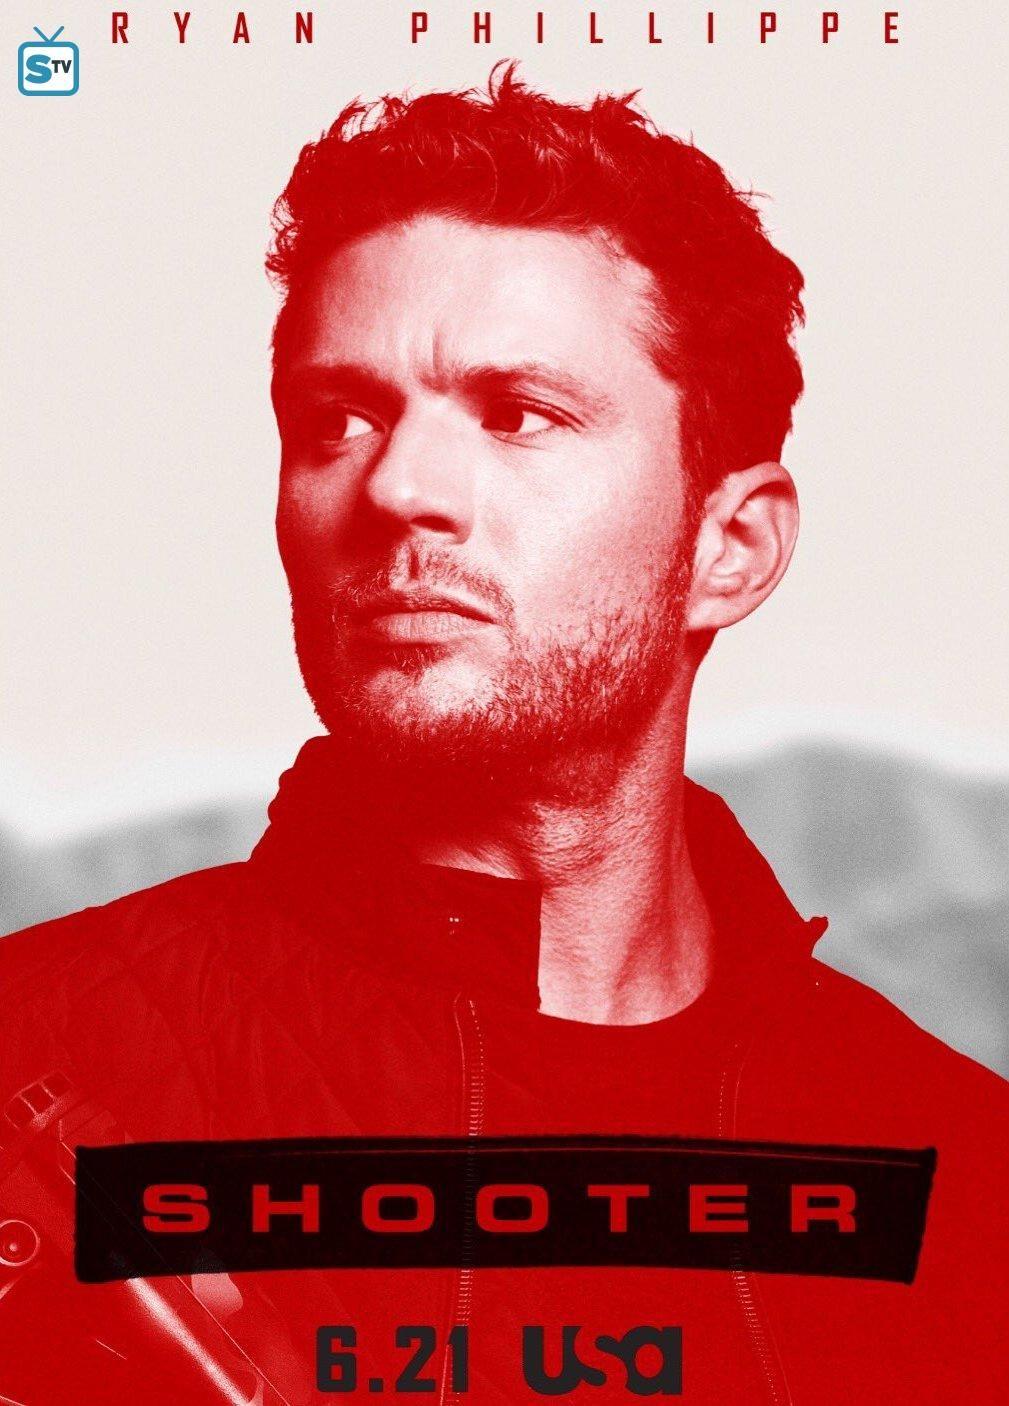 watch season 3 shooter online free